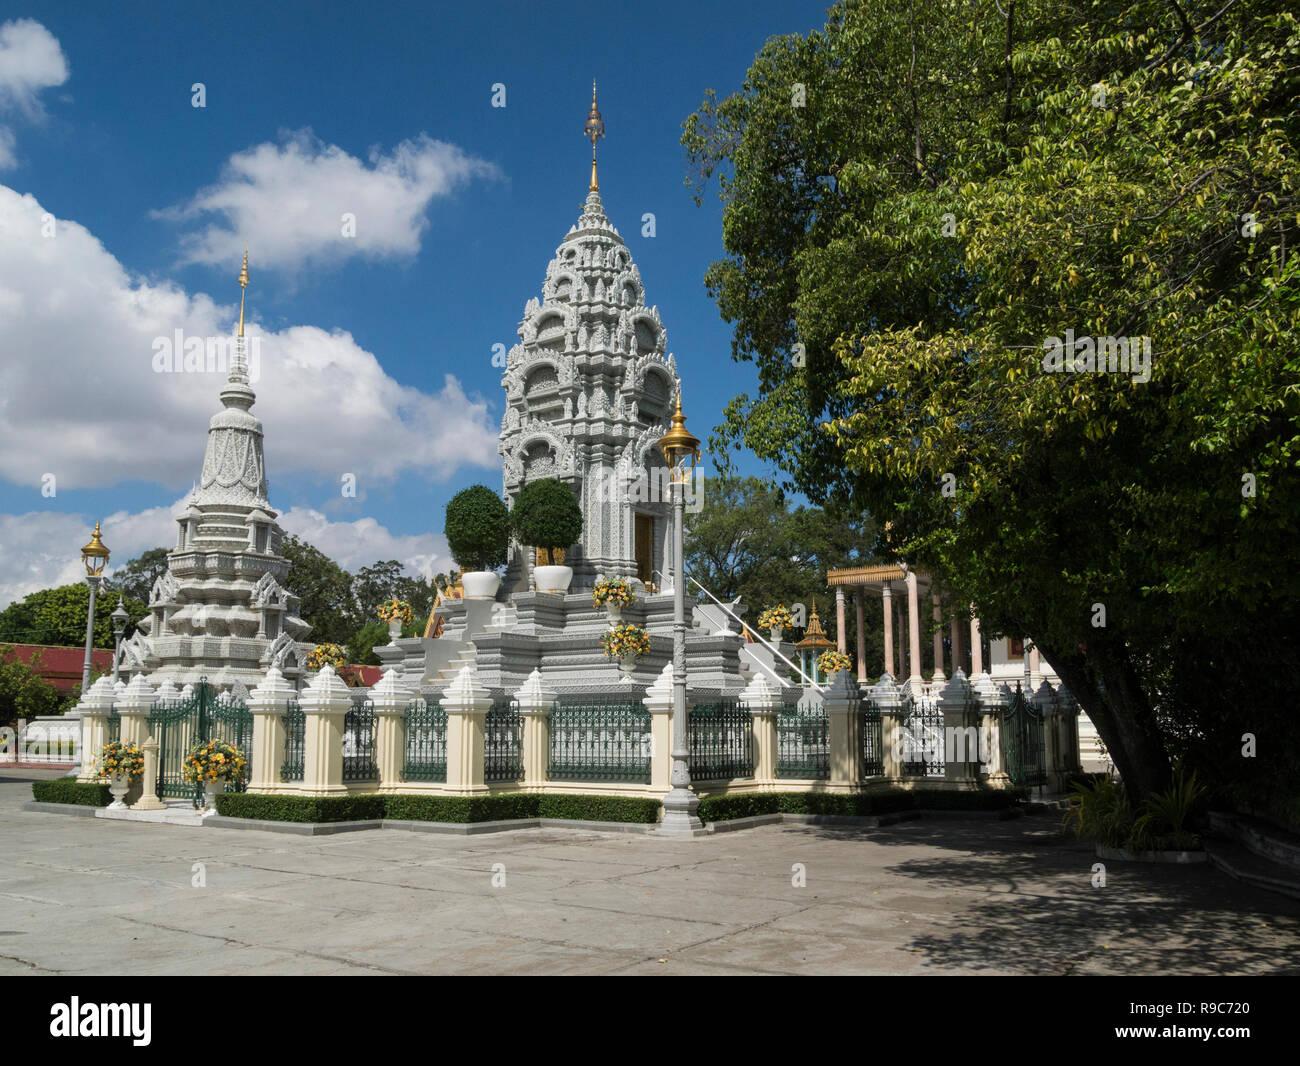 Stupa de la Princesa Kantha Bopha santuario memorial de la querida hija del ex rey Sihanouk murió a la edad de 4 de leucemia con Camboya Phnom Penh Imagen De Stock